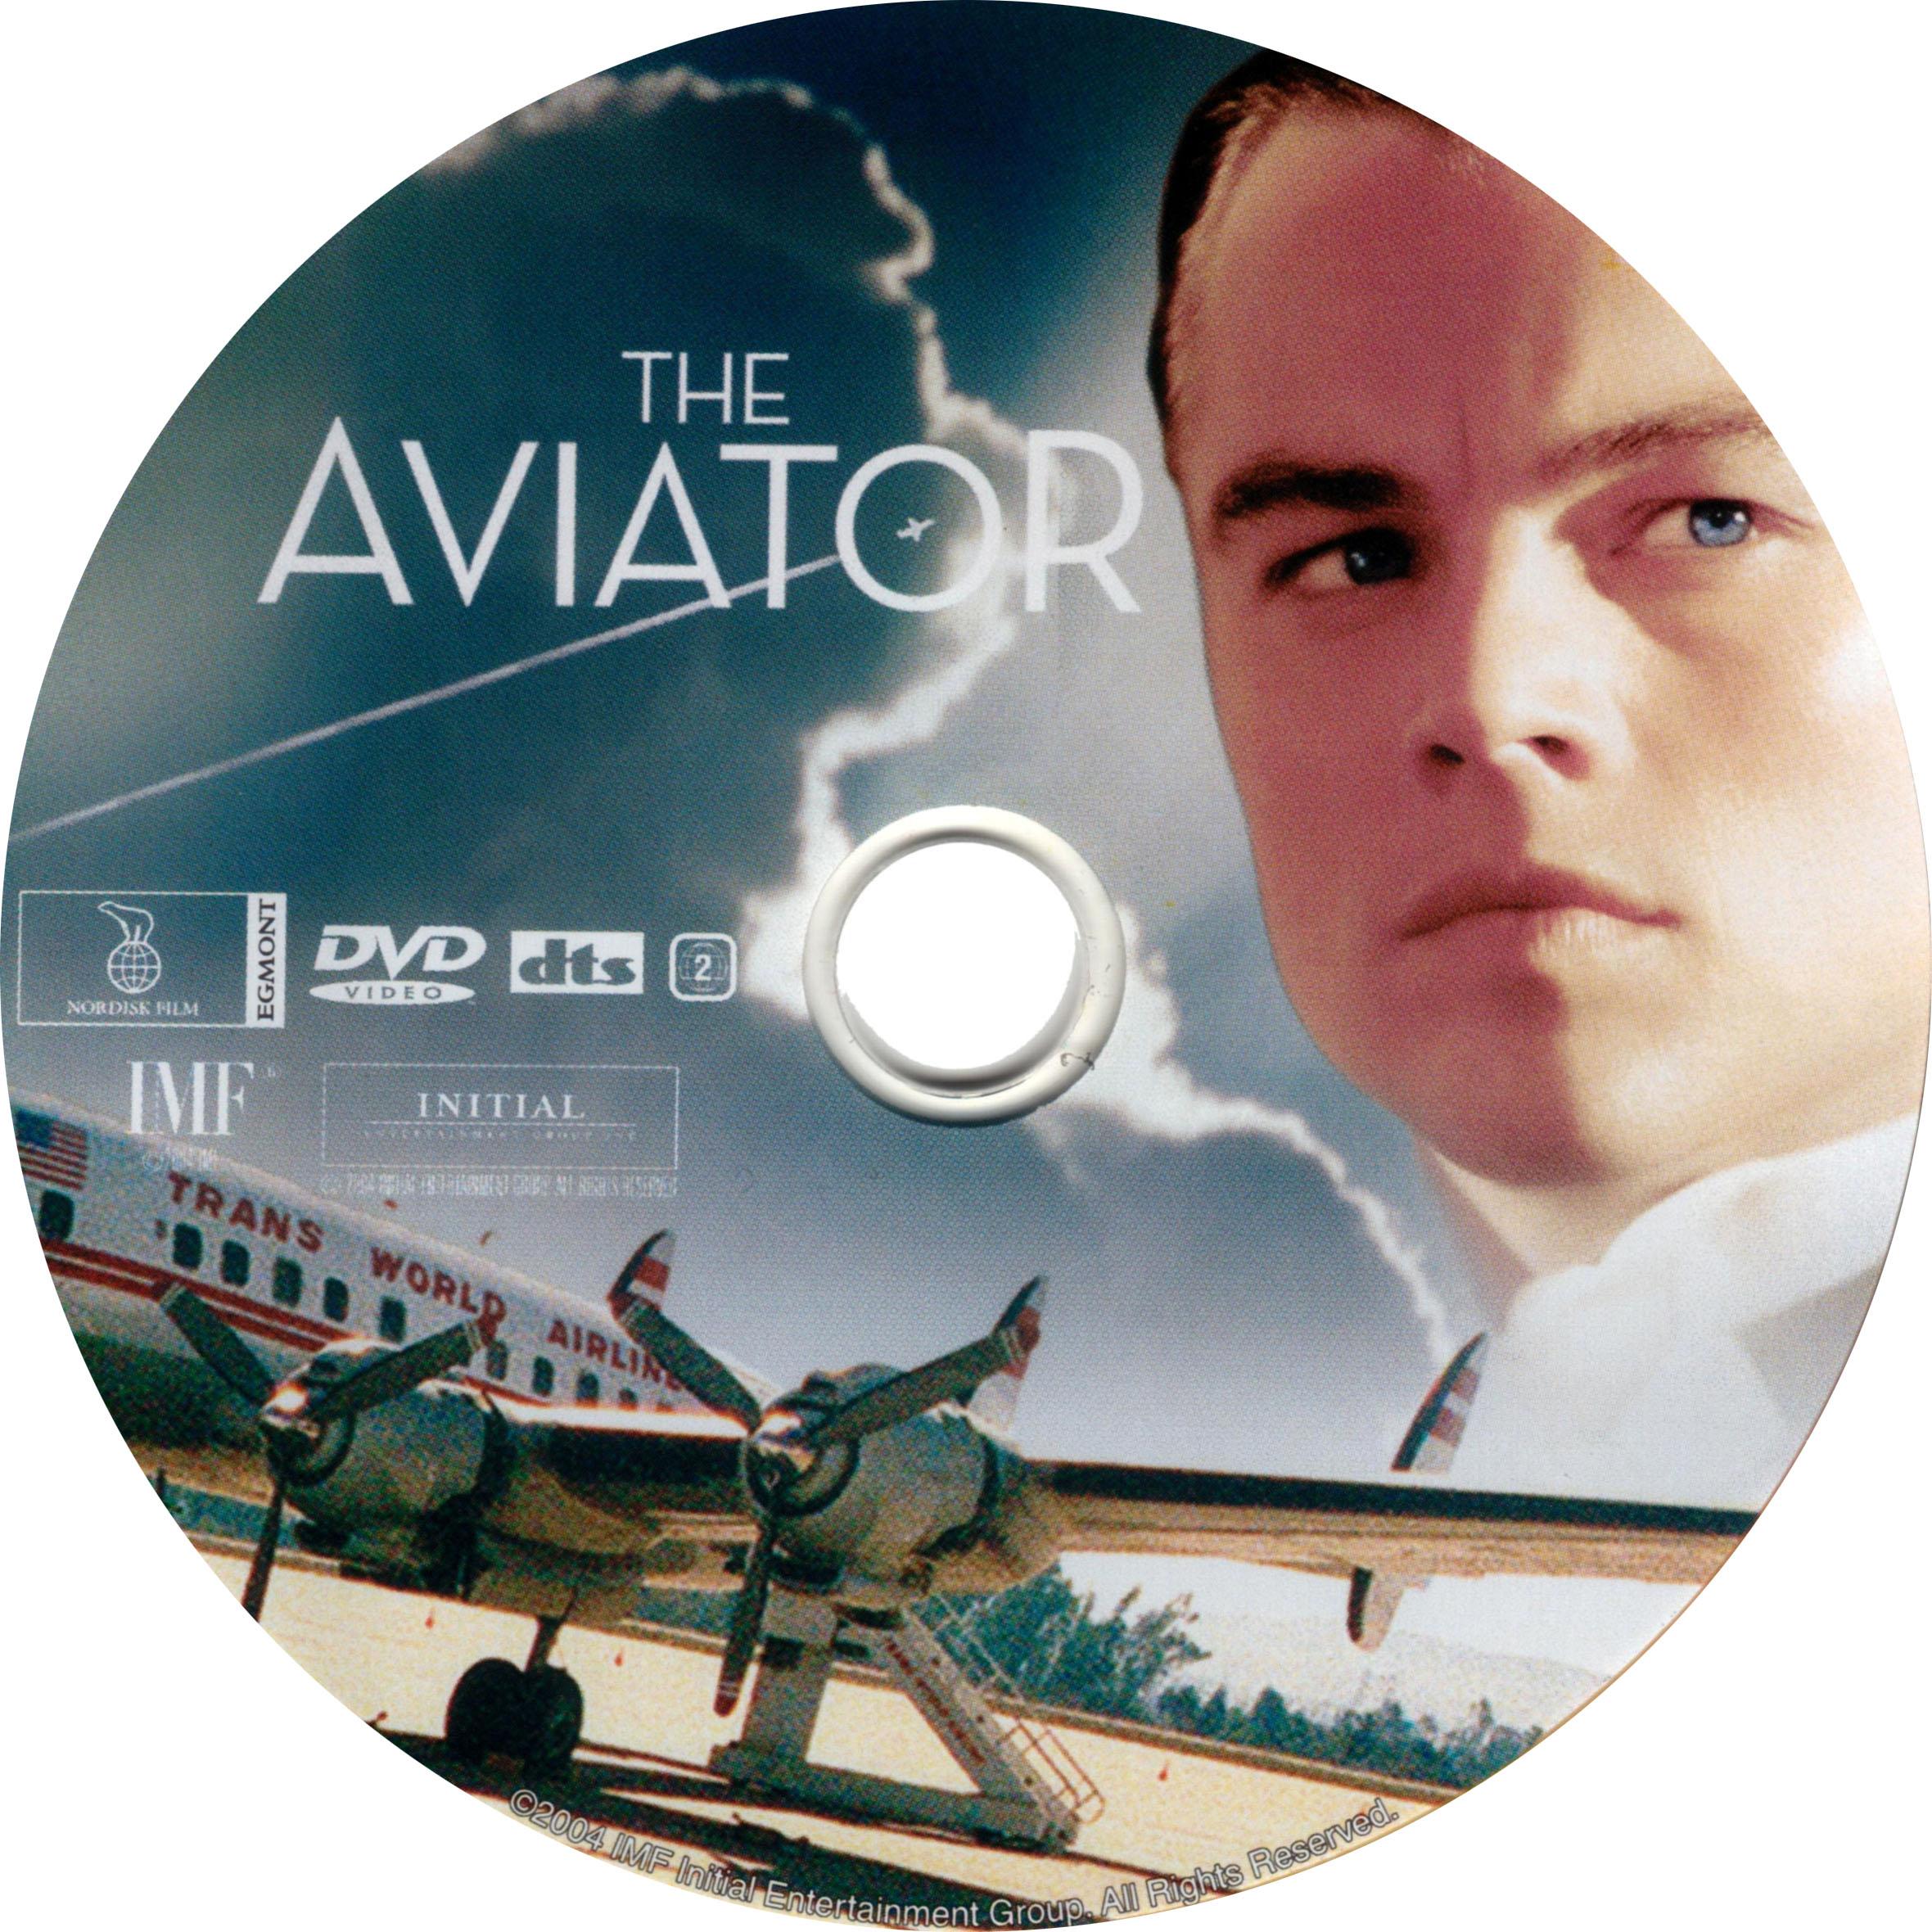 Aviator Movie 2017